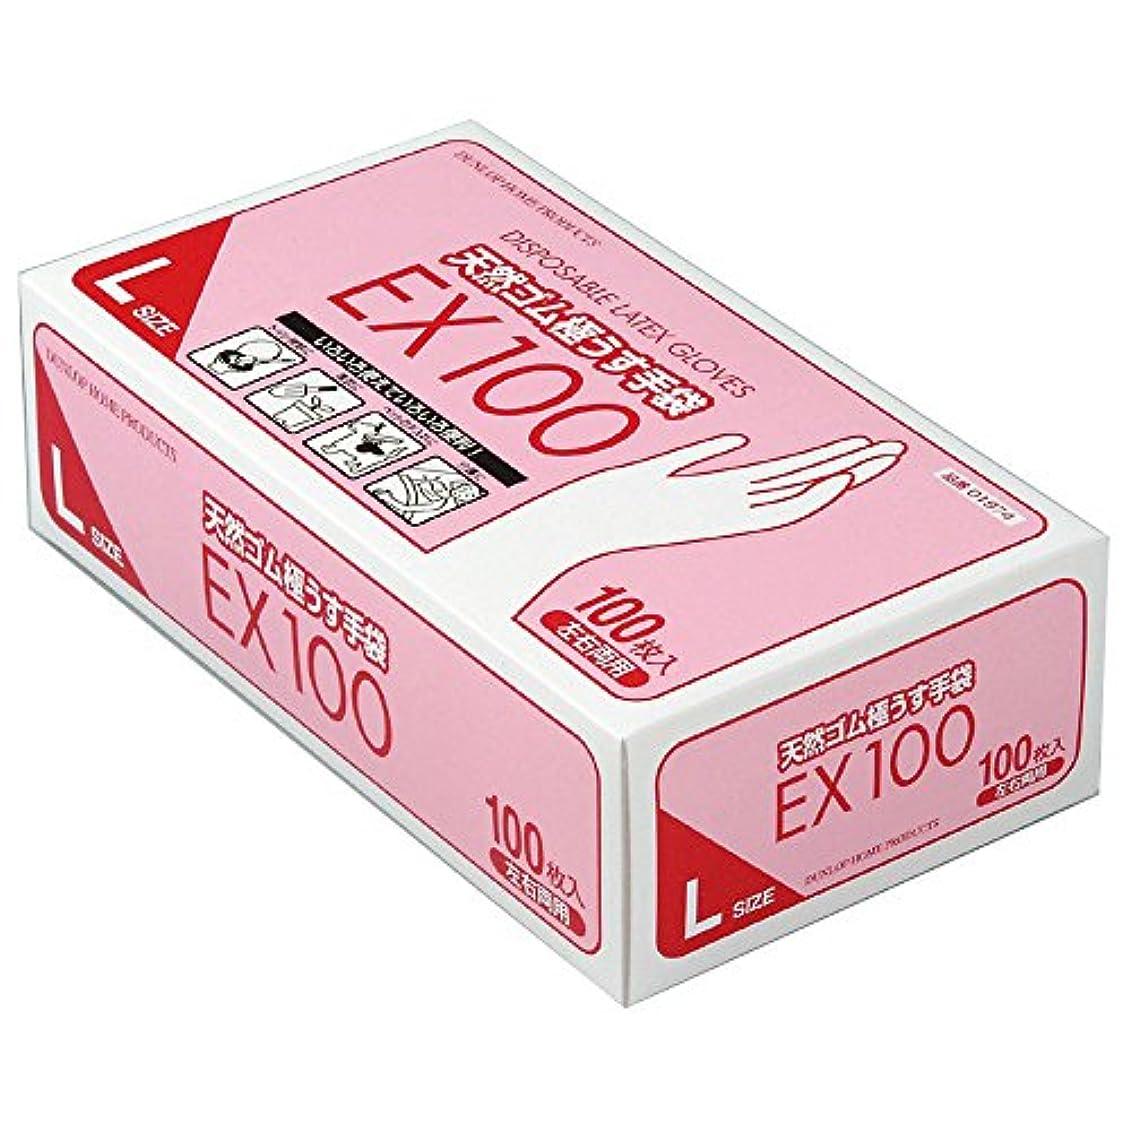 規則性とんでもない圧倒的ダンロップ 天然ゴム 極うす手袋 Lサイズ 100枚入り EX100 07621